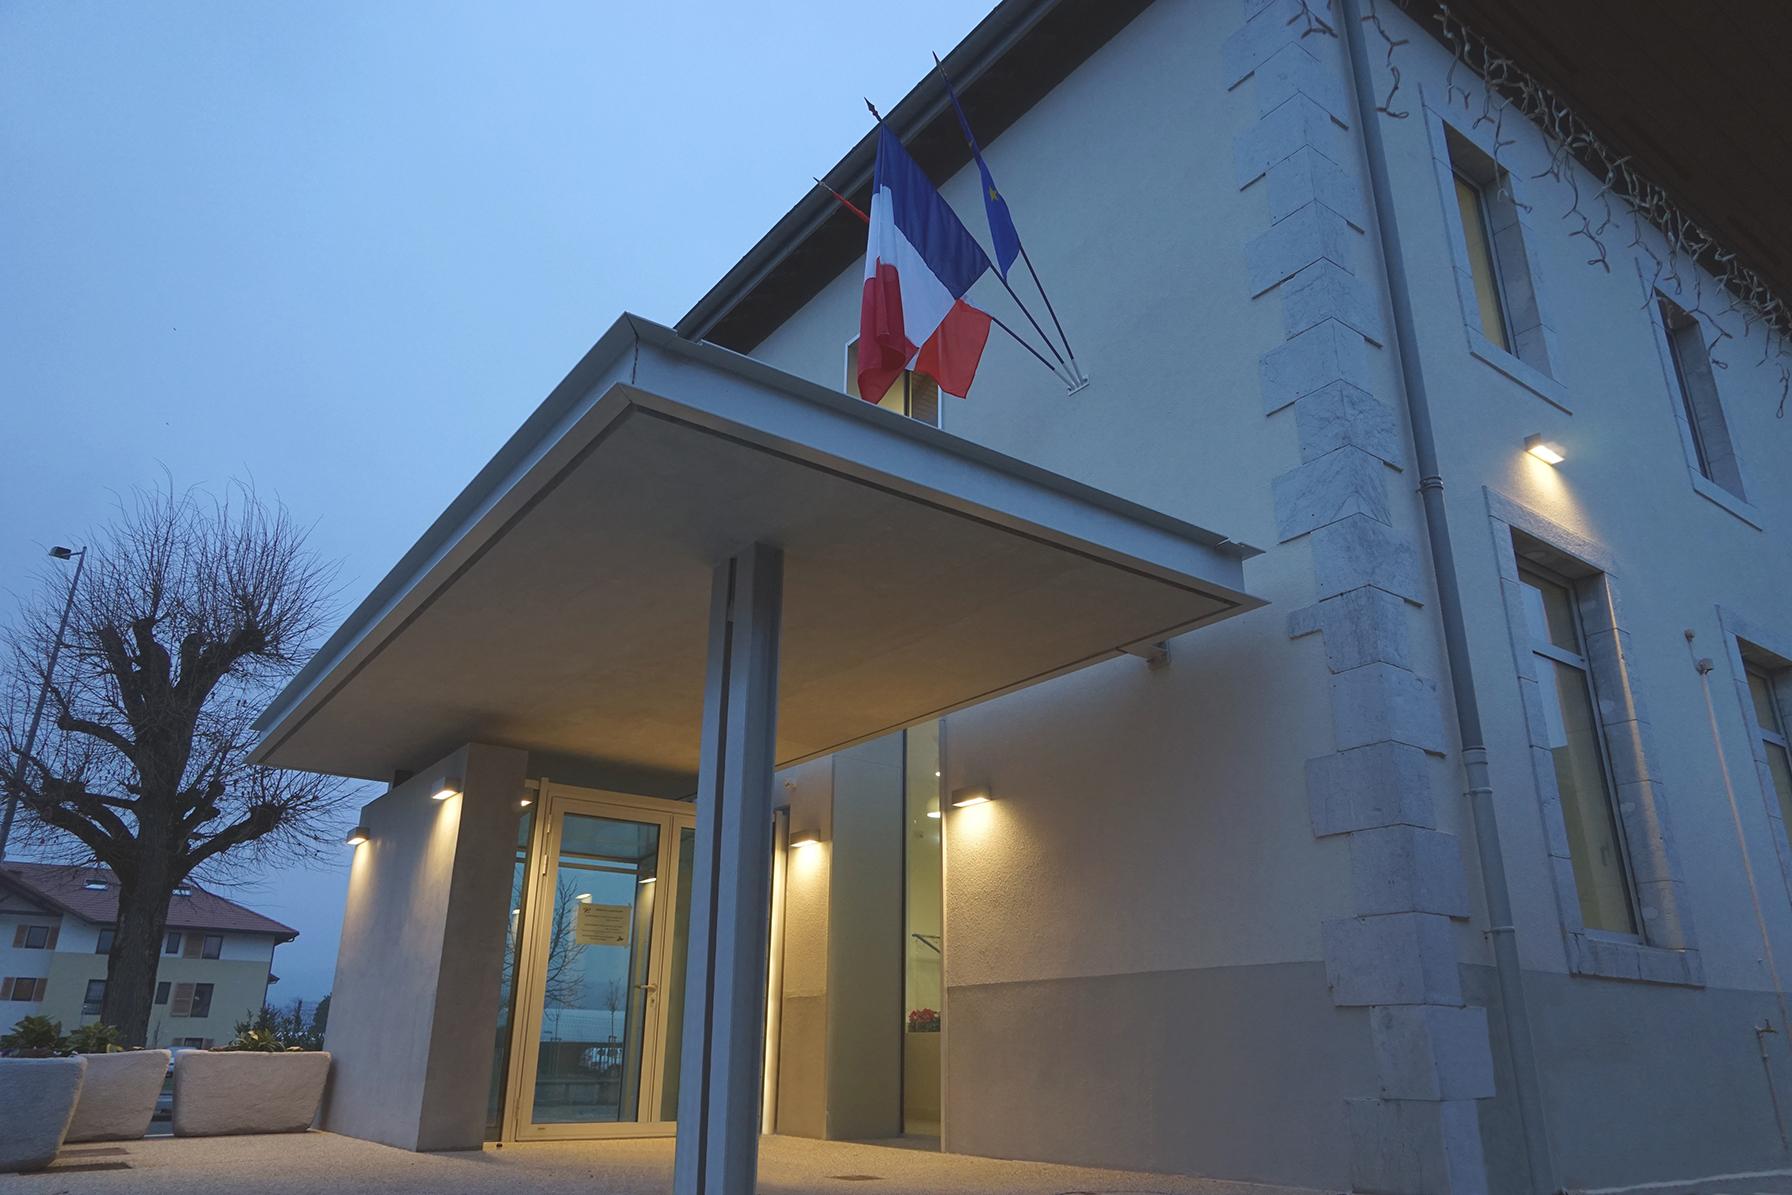 Mairie de ARTHAZ-PONT-NOTRE-DAME | Architecte: Nelly GUYOT